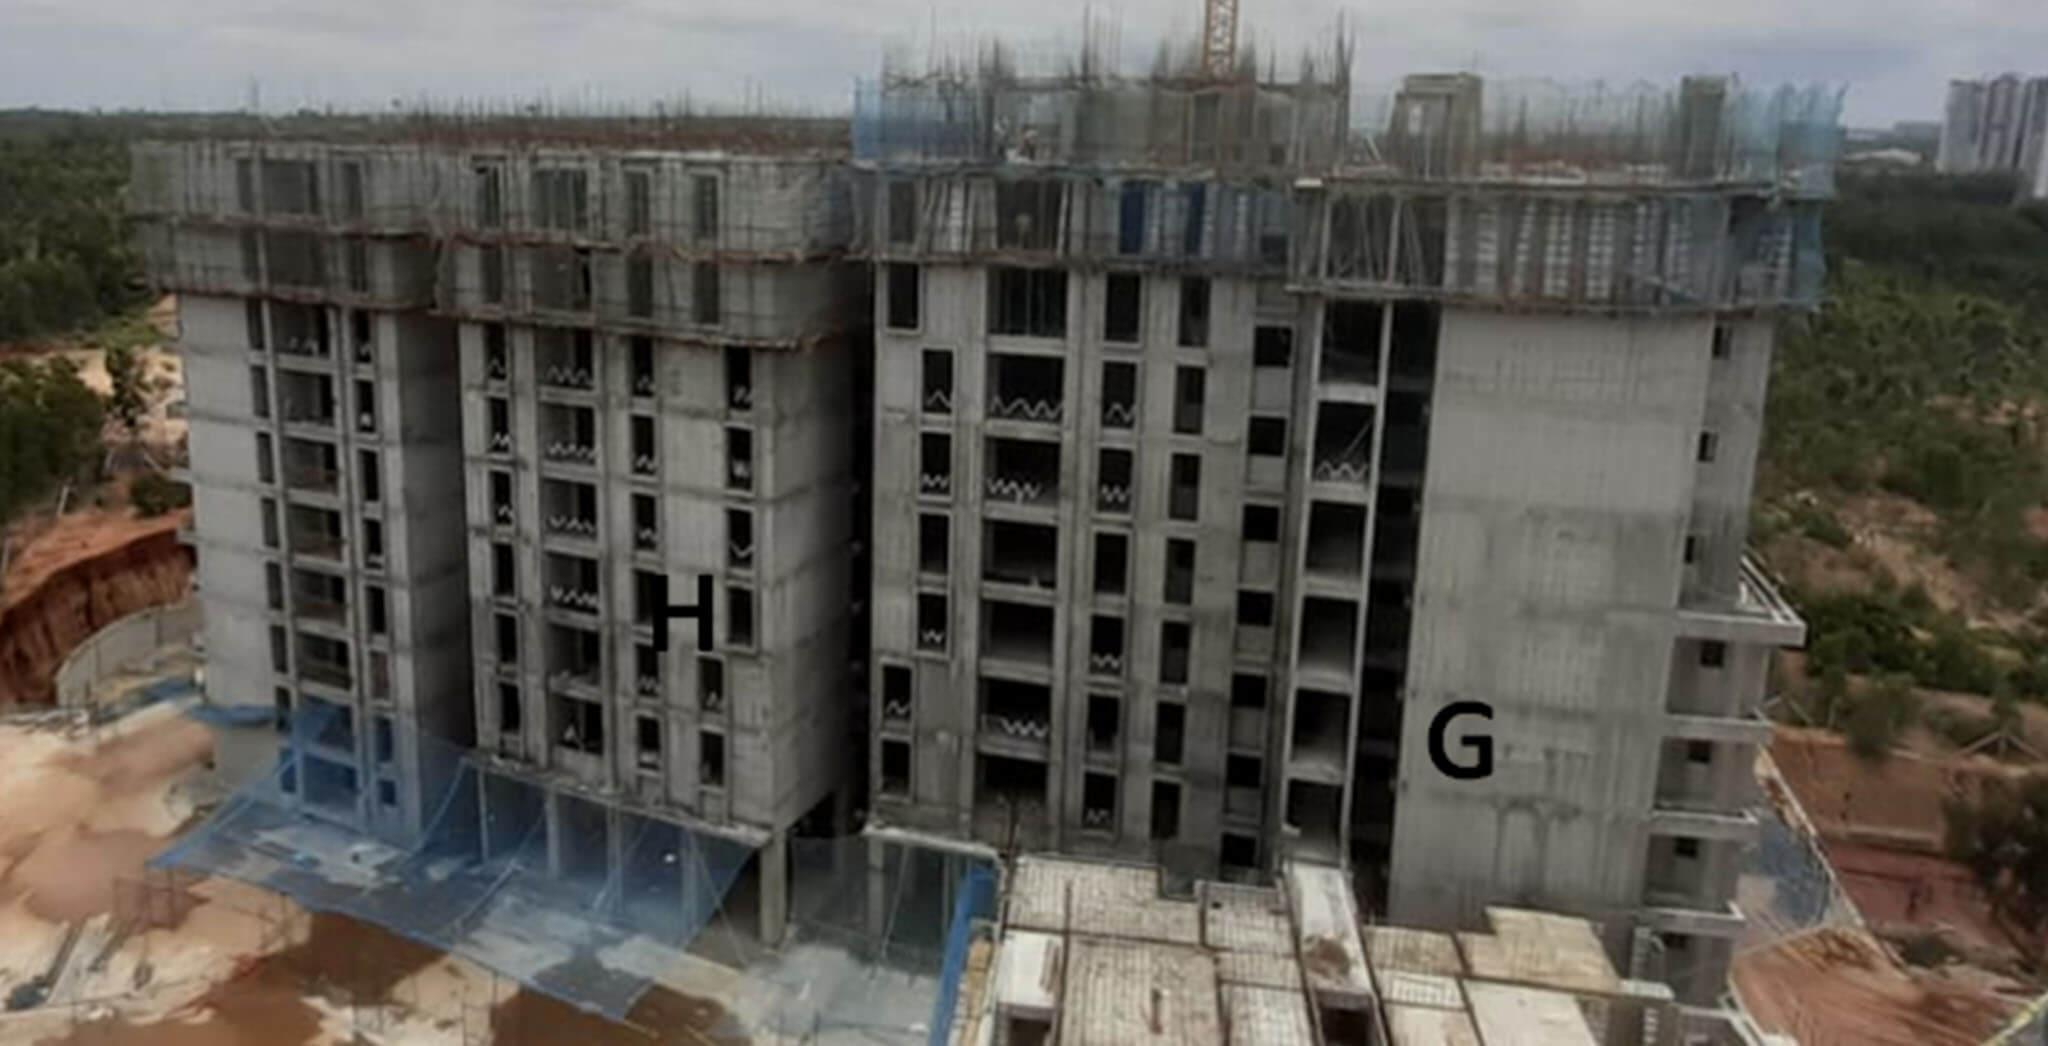 Jul 2020 - Serene: Tower G—11th floor slab in progress & Tower H—10th floor slab in progress.